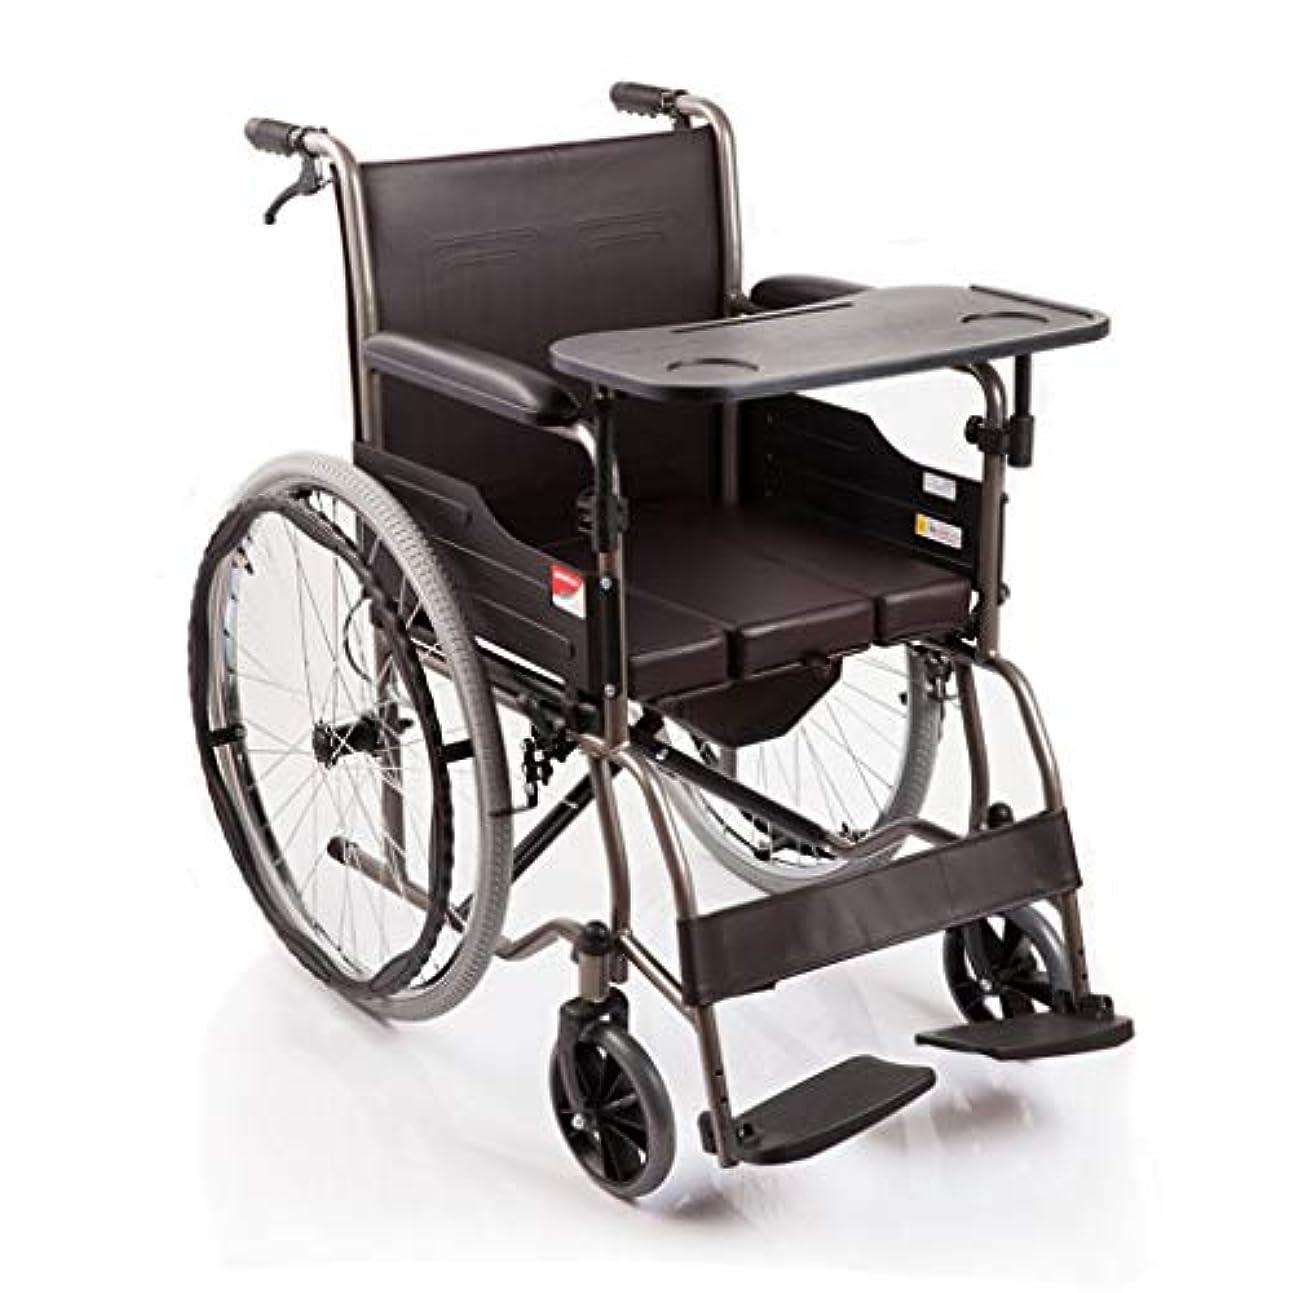 アウター入浴ことわざ手動車椅子シミュレーションレザーシートクッション、多機能車椅子、高齢者用屋外折りたたみ式トイレデザイン車椅子